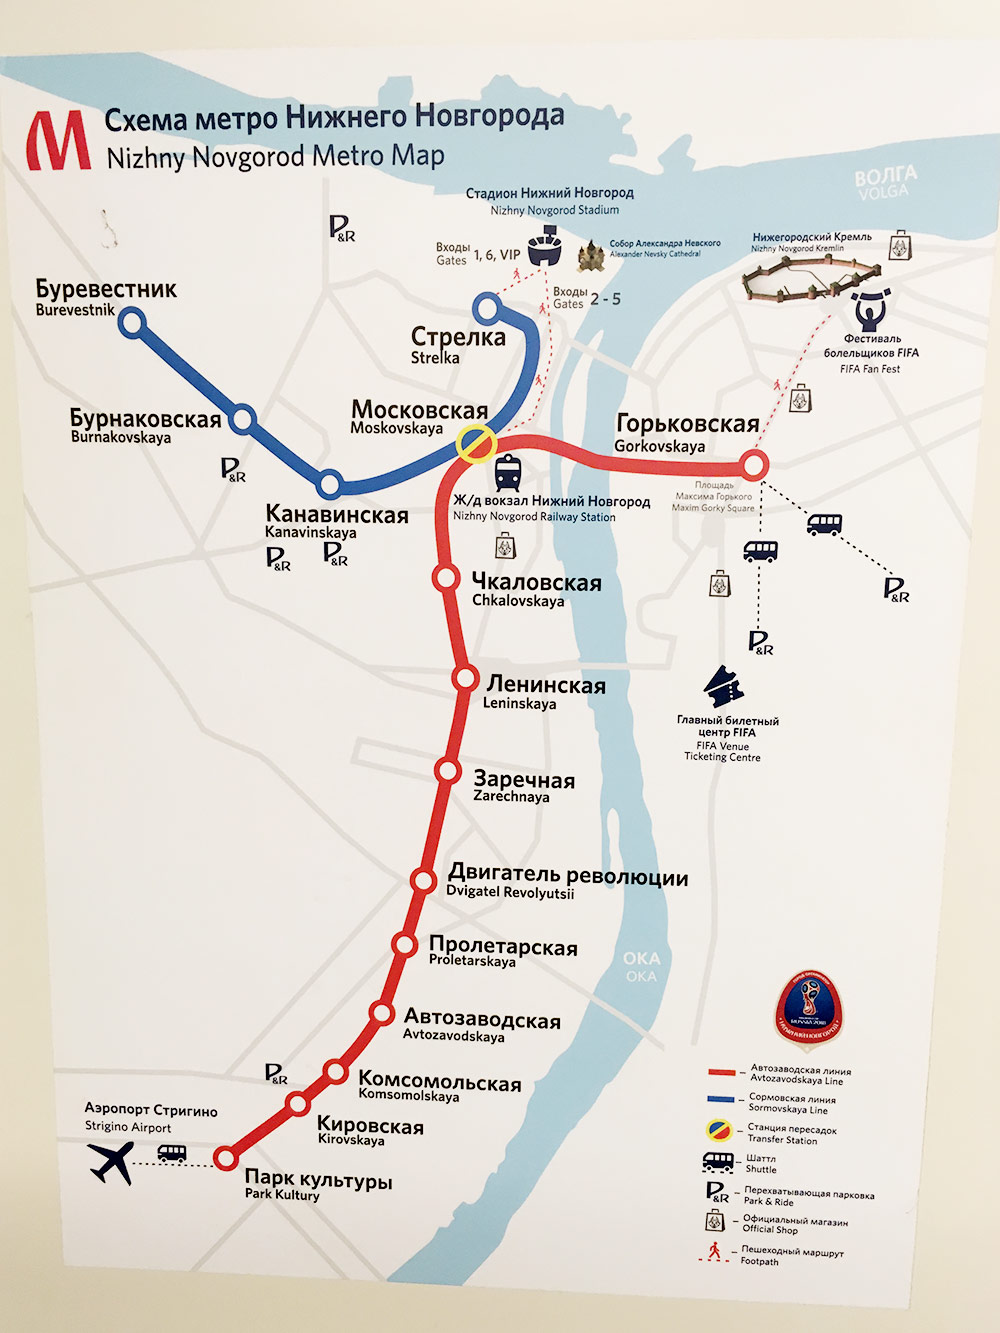 Проезд в метро тоже стоит 28 р., если платить пэйпассом — 26 р.